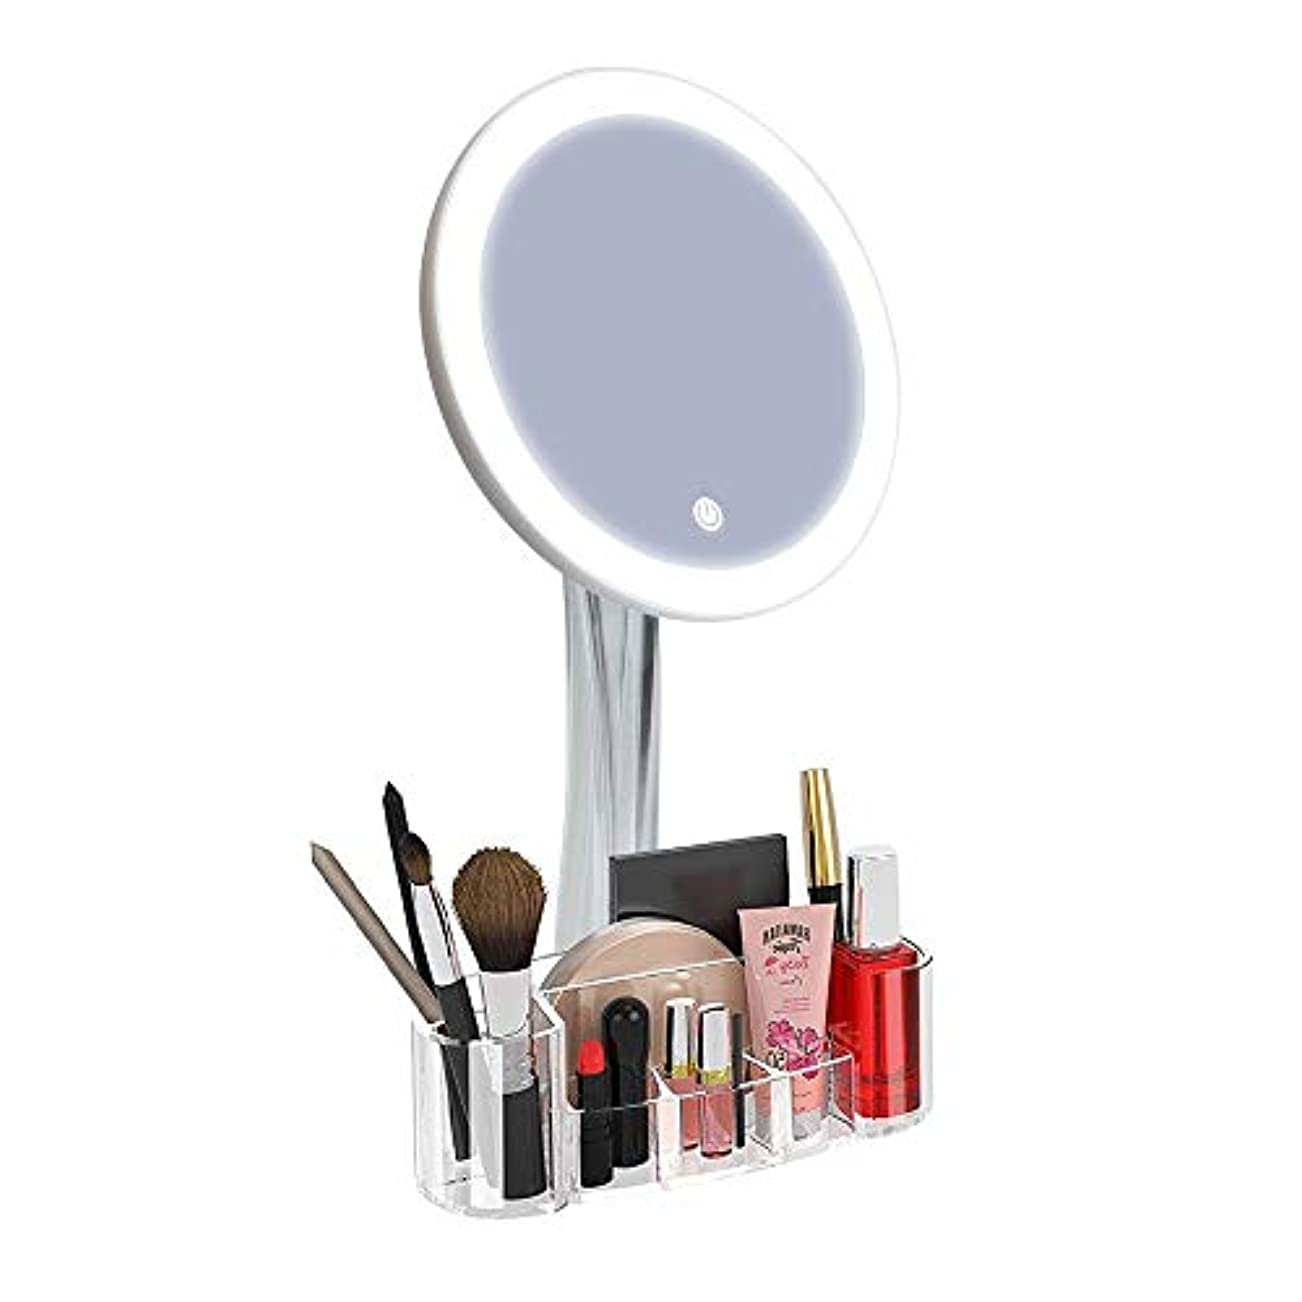 終わらせる暖かさ地域の化粧鏡 メイクミラー 女優ミラー 鏡 卓上 16LEDライト付きミラー タッチスクリーン付きミラー 5倍拡大鏡 化粧品収納ボックス 明るさ調節可能 180度回転 USB/単三電池給電